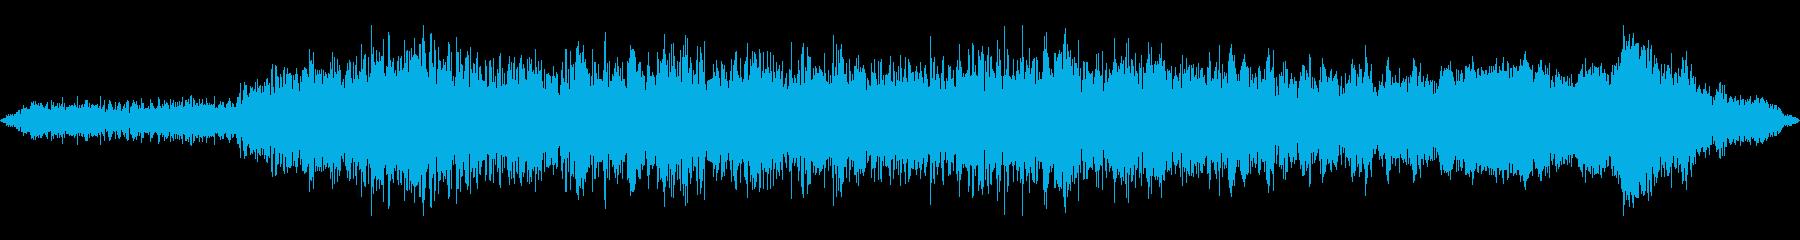 大規模なスペースバトルクルーザー:...の再生済みの波形